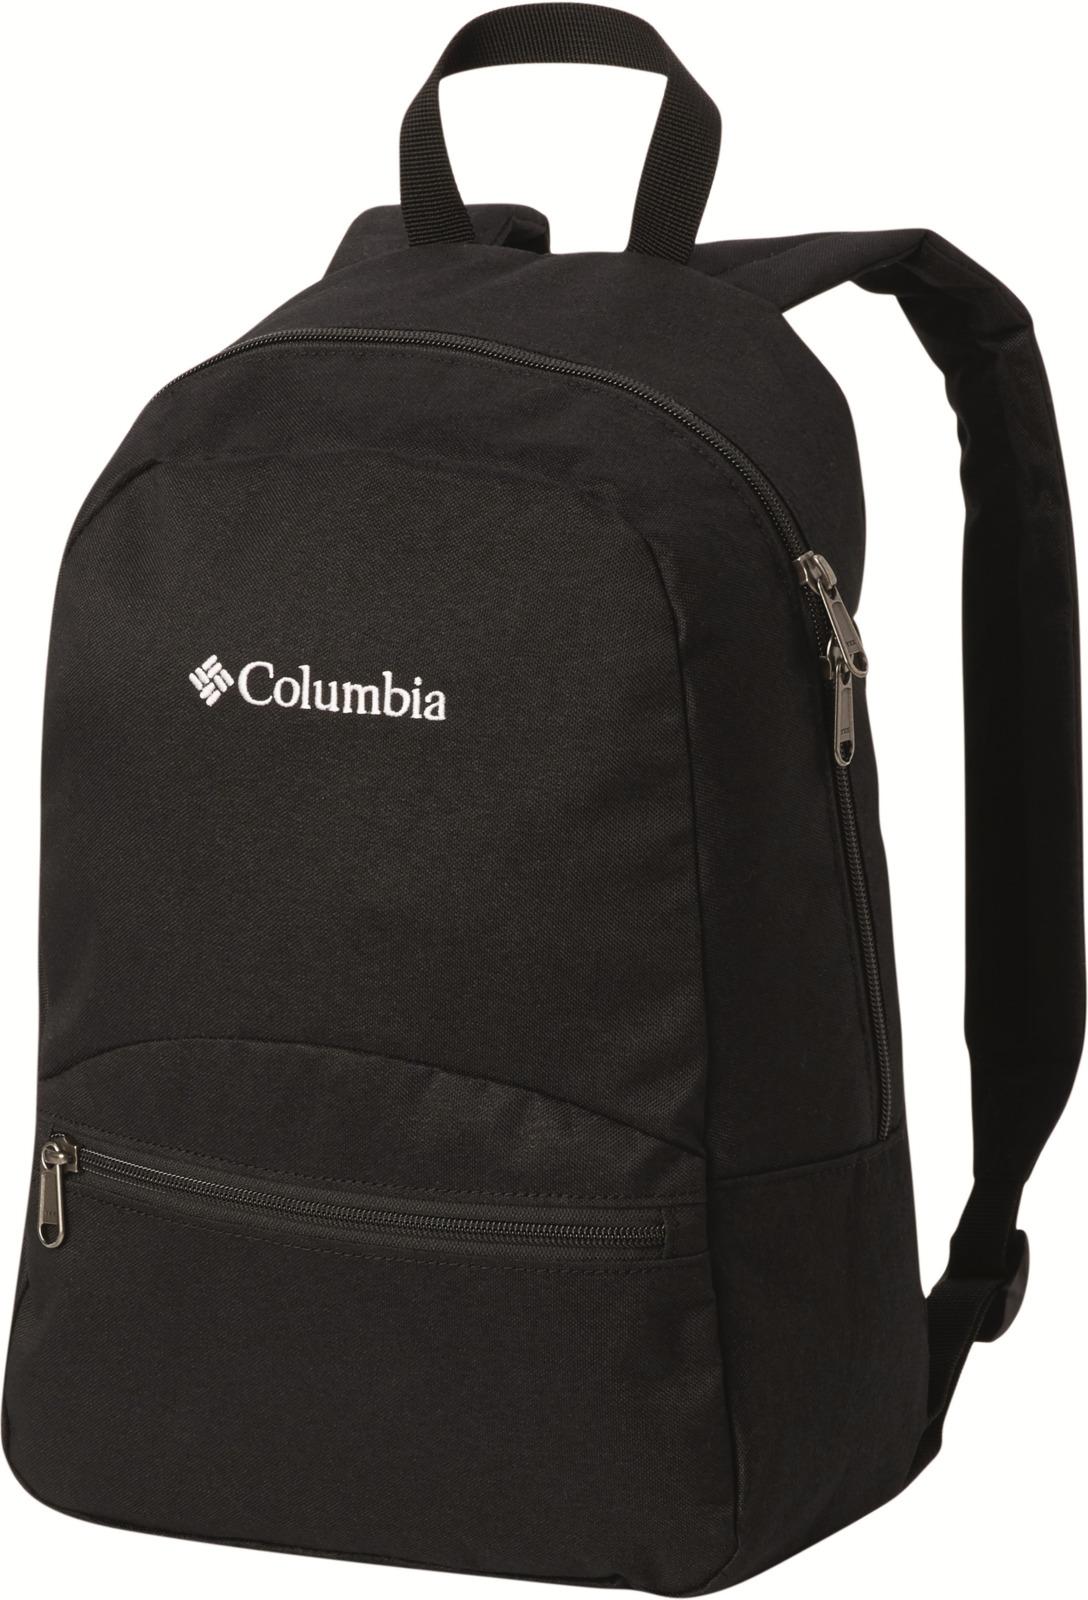 цена на Рюкзак Columbia Venya Tour Ii Daypack, 1827261-012, черный